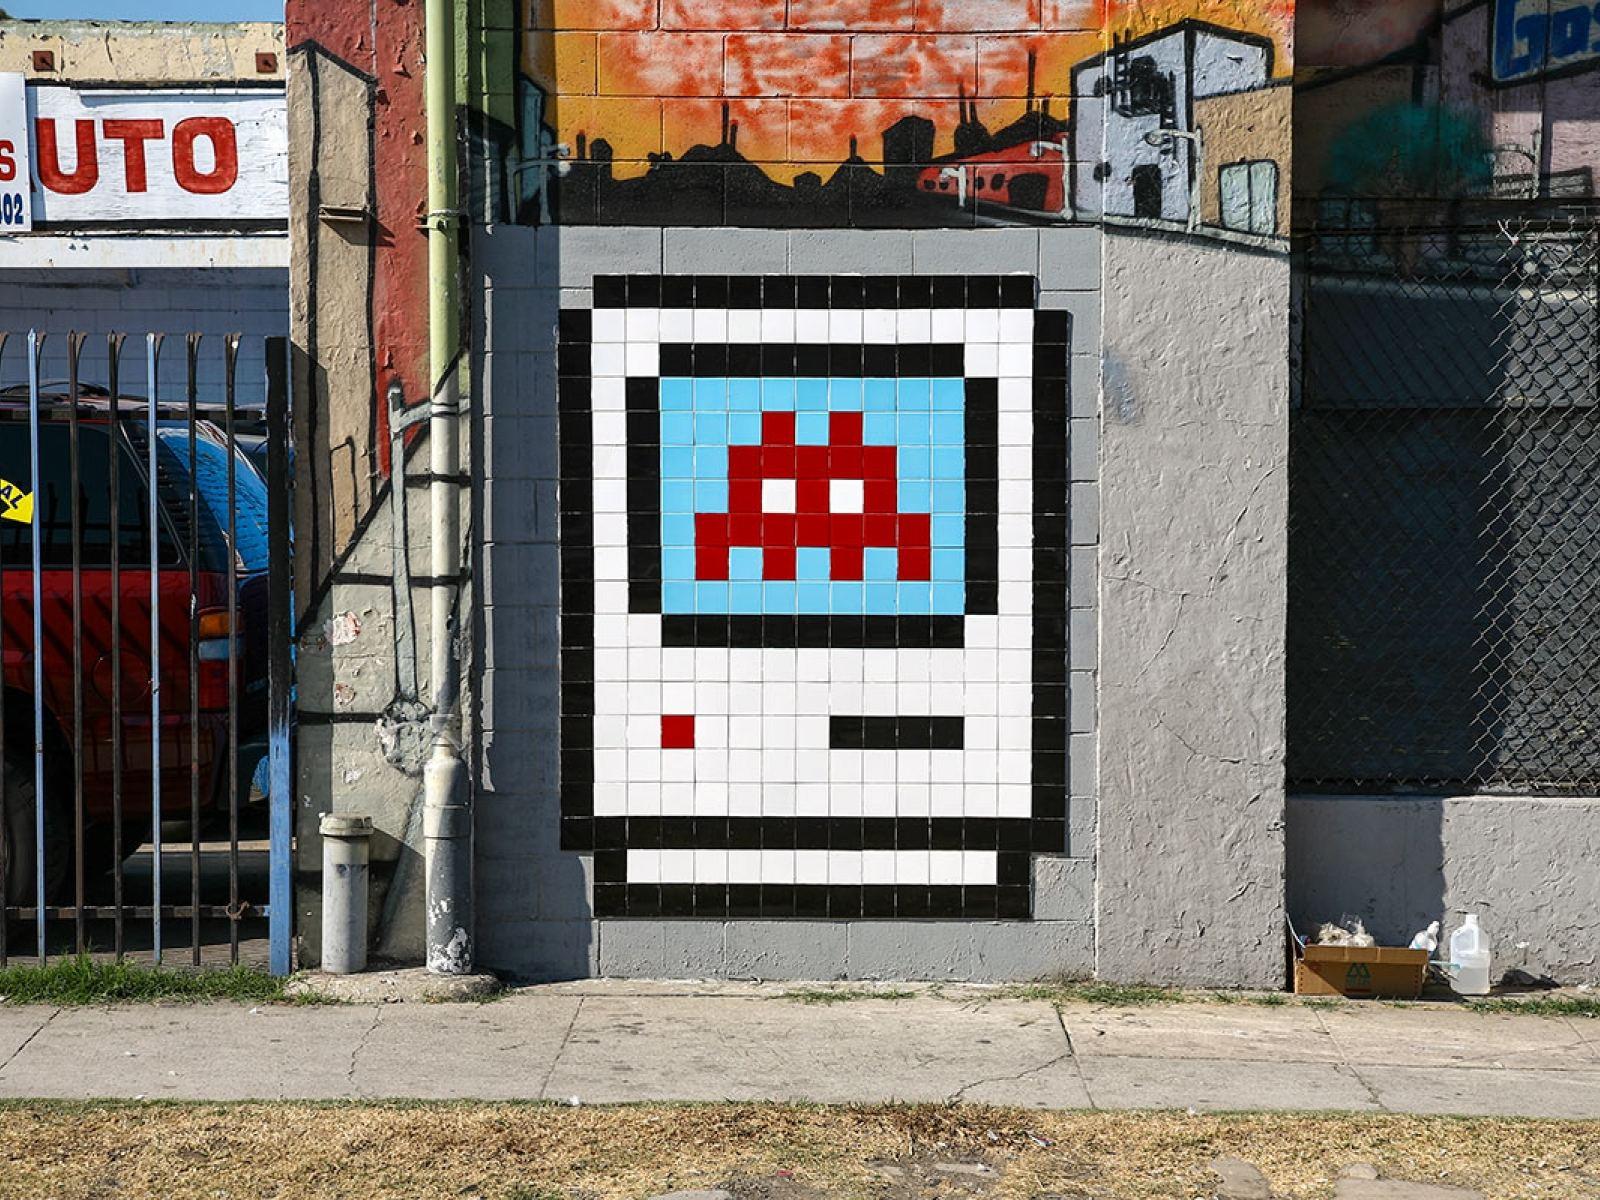 Arte de Invader en las calles